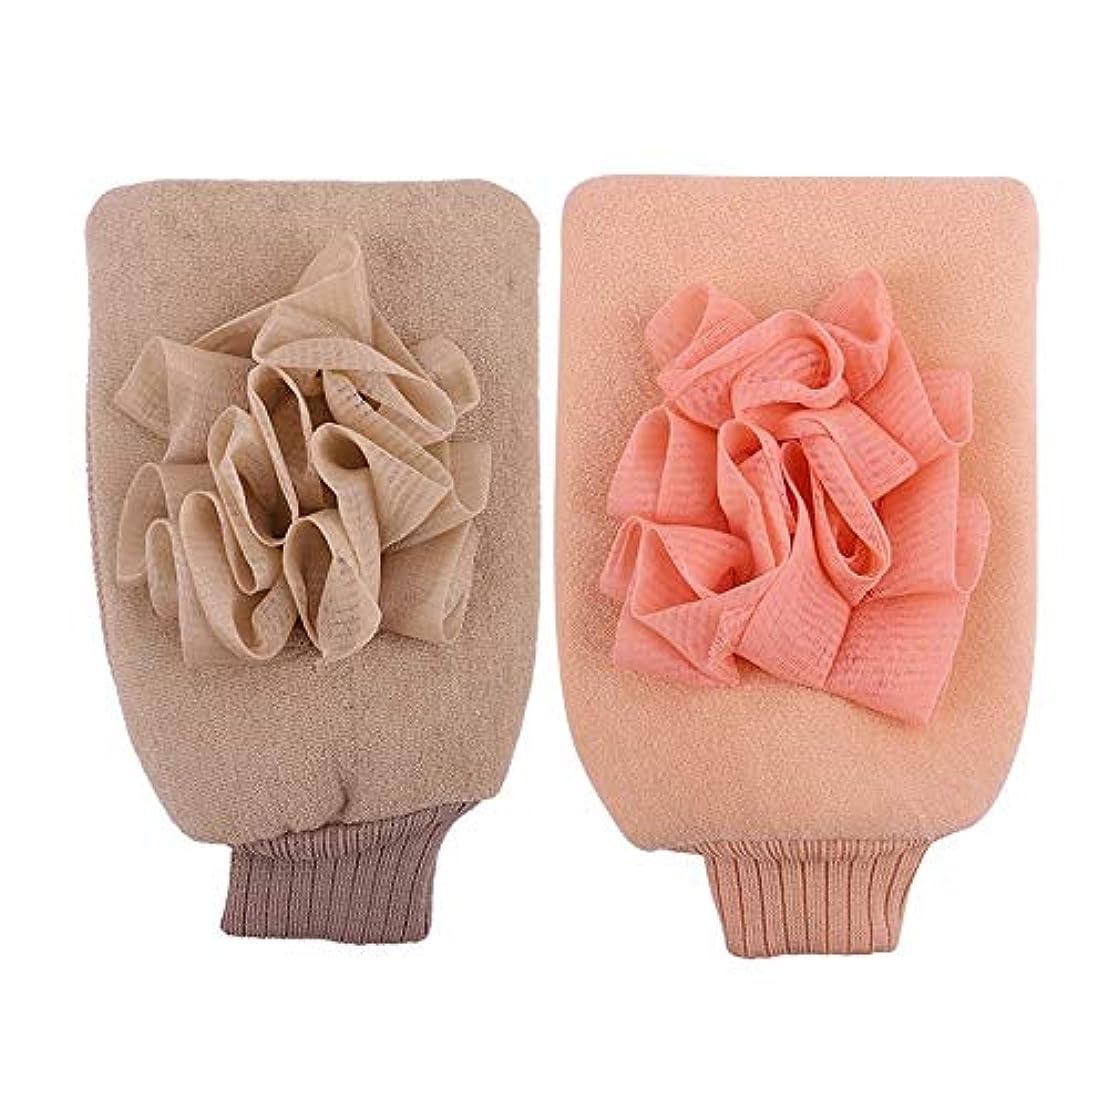 寄生虫フライカイト流行BTXXYJP お風呂用手袋 シャワー手袋 あかすり手袋 ボディブラシ やわらか ボディタオル バス用品 男女兼用 角質除去 (Color : Pink+beige)